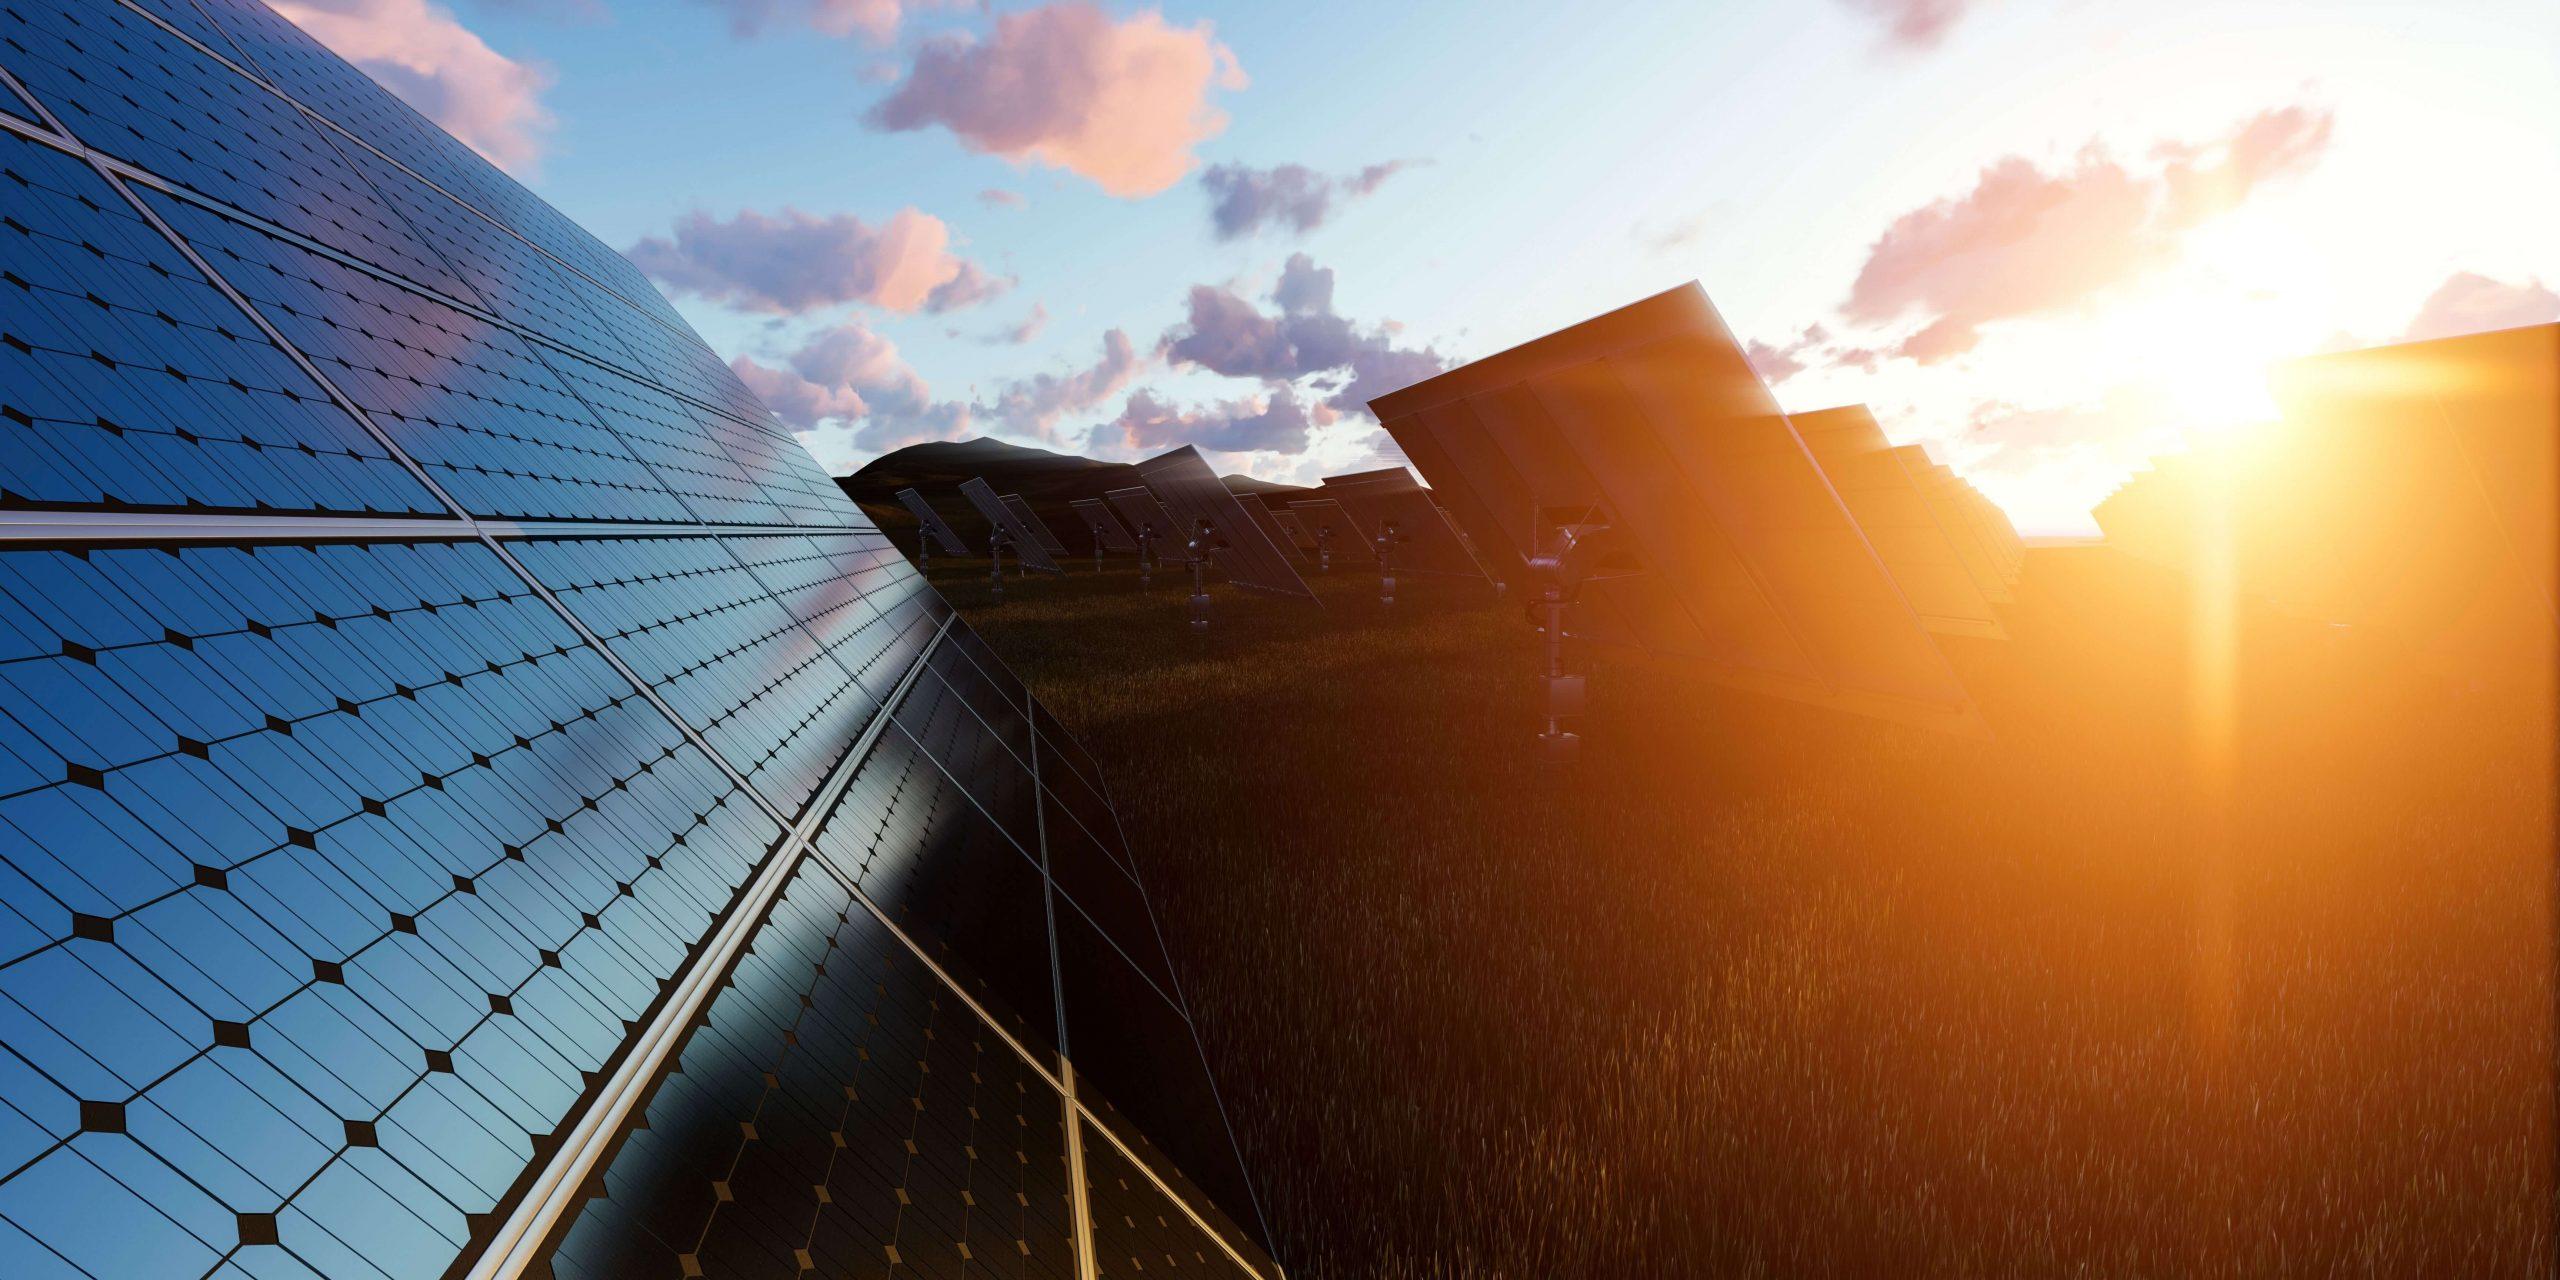 a1 solar-TOPCon cellák és az n-típusú napelemek